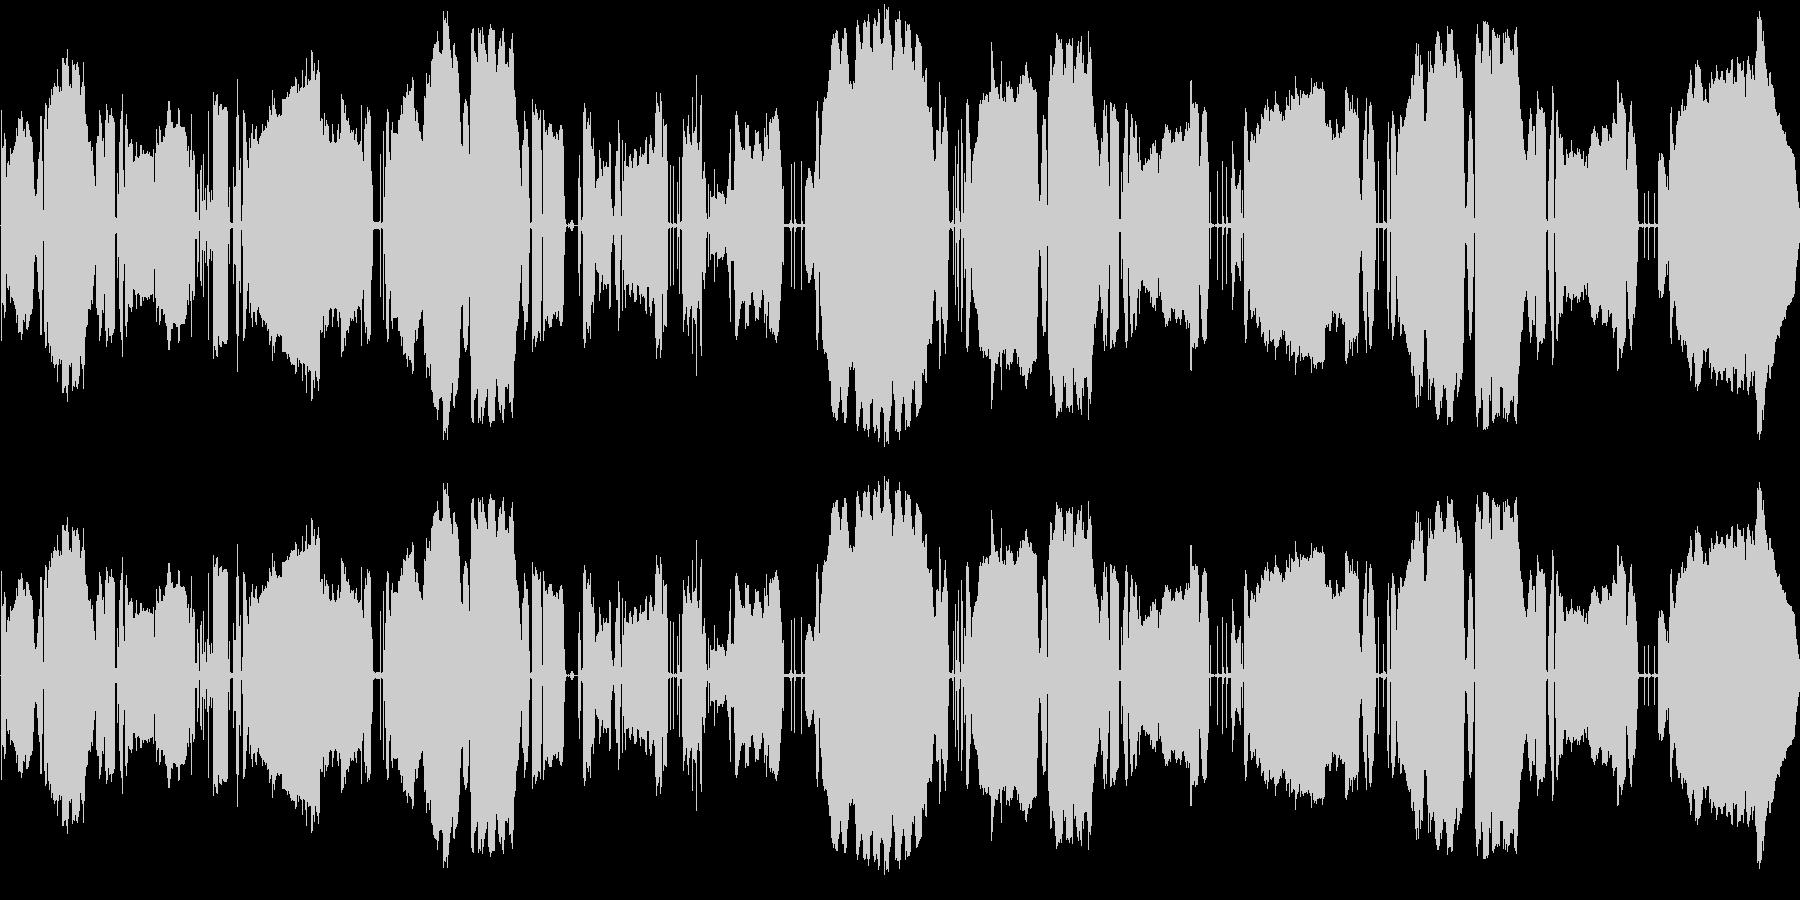 ラジオチューニング風(宇宙交信?)の未再生の波形